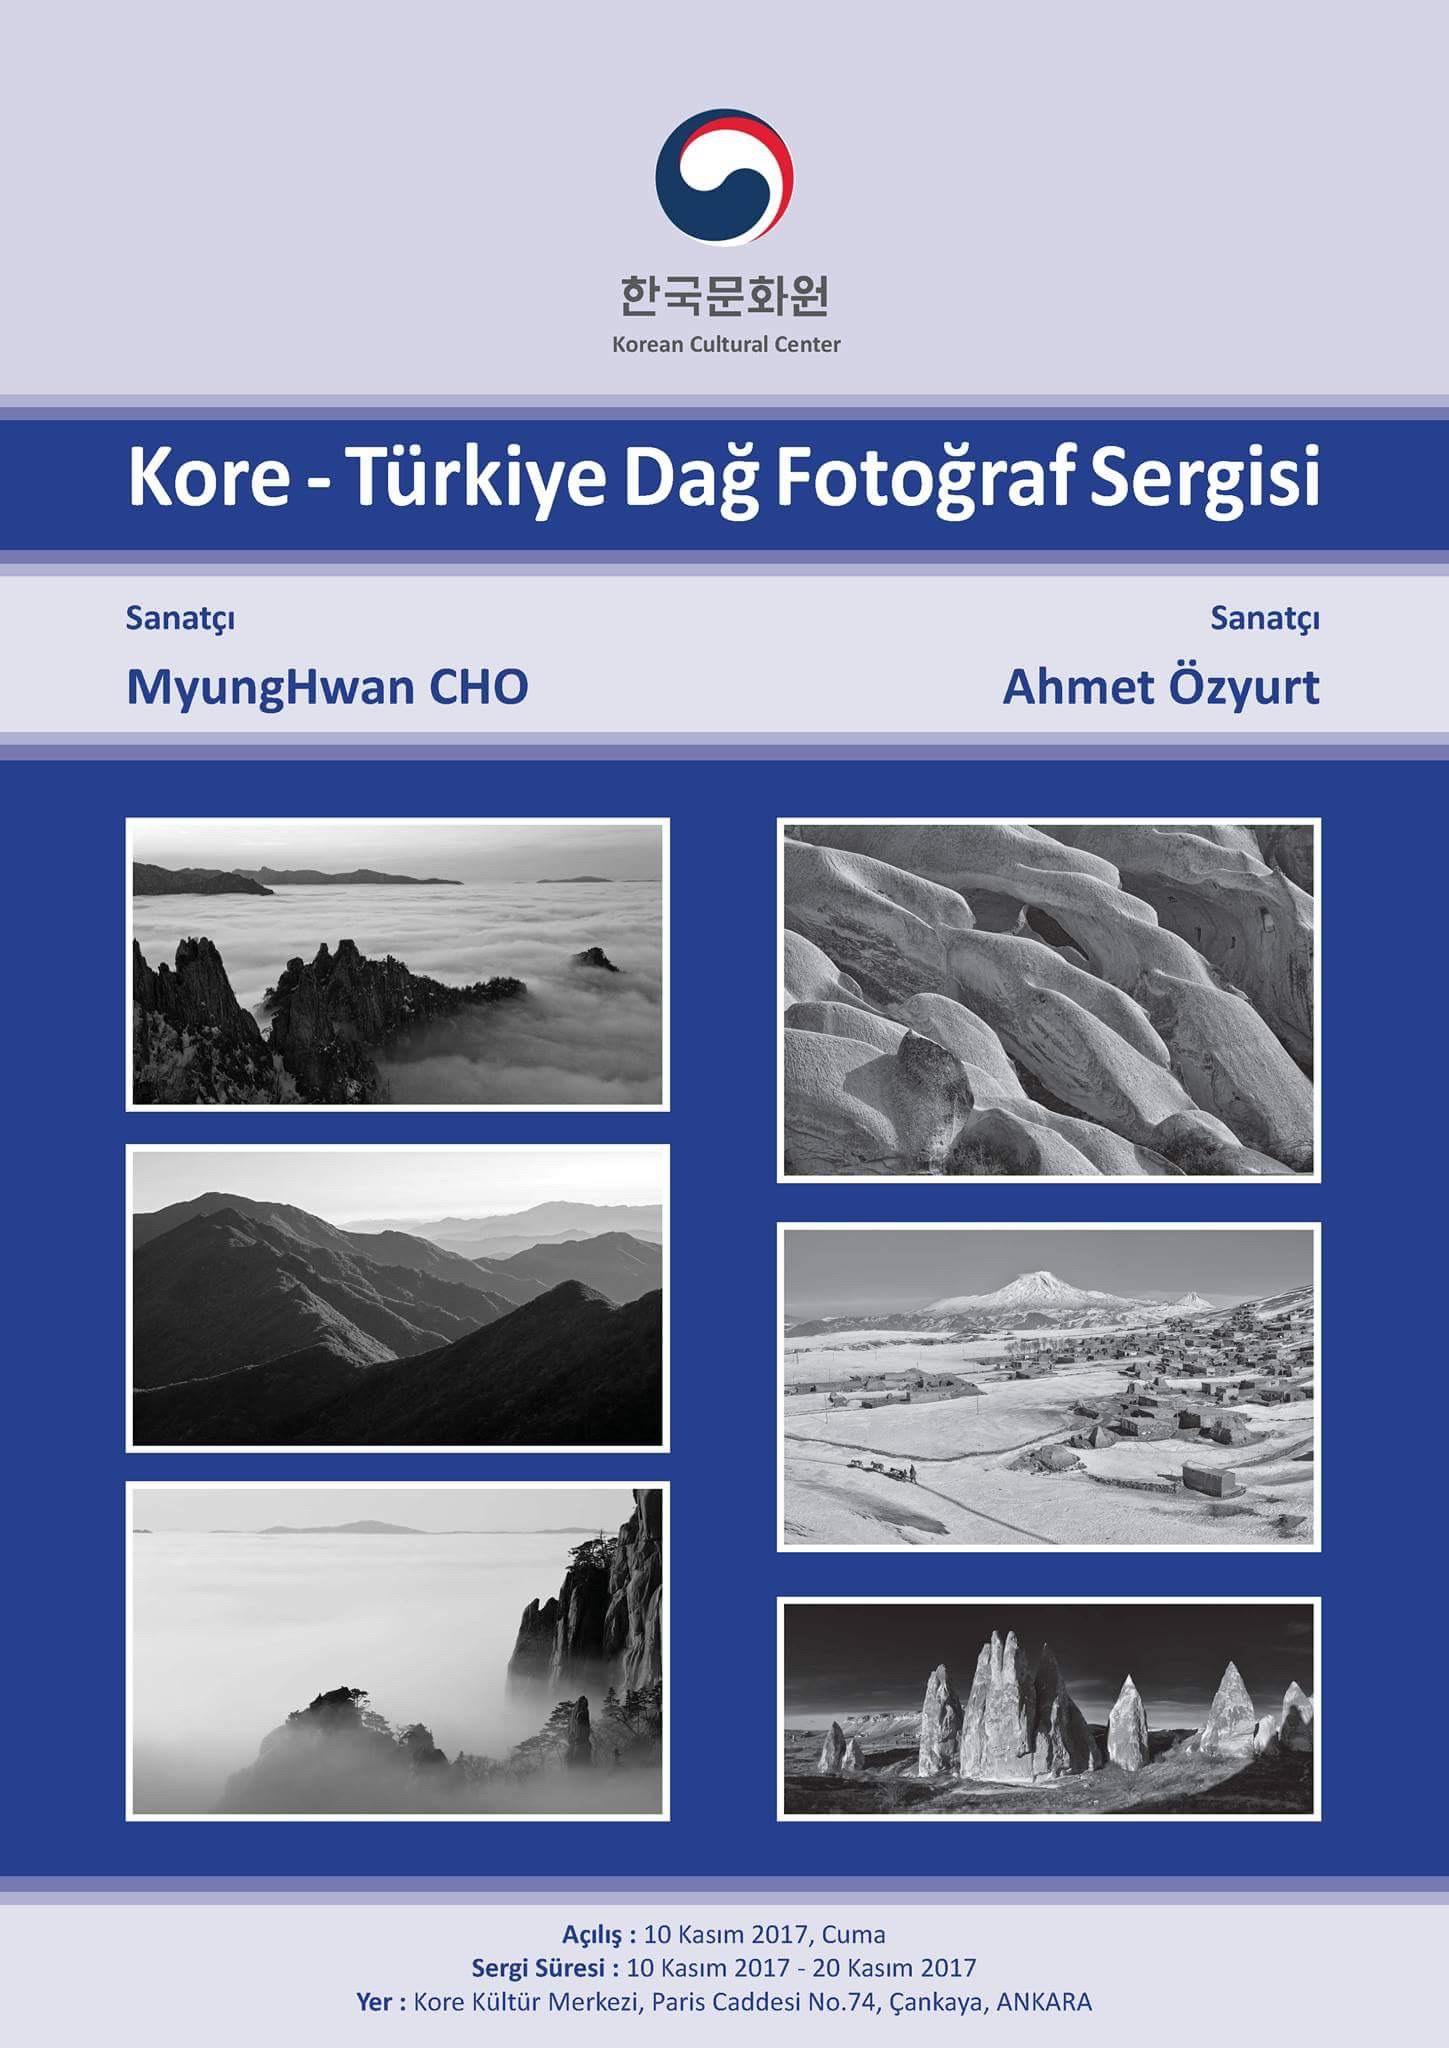 Kore - Türkiye Dağ Fotoğraf Sergisi Duyurusu